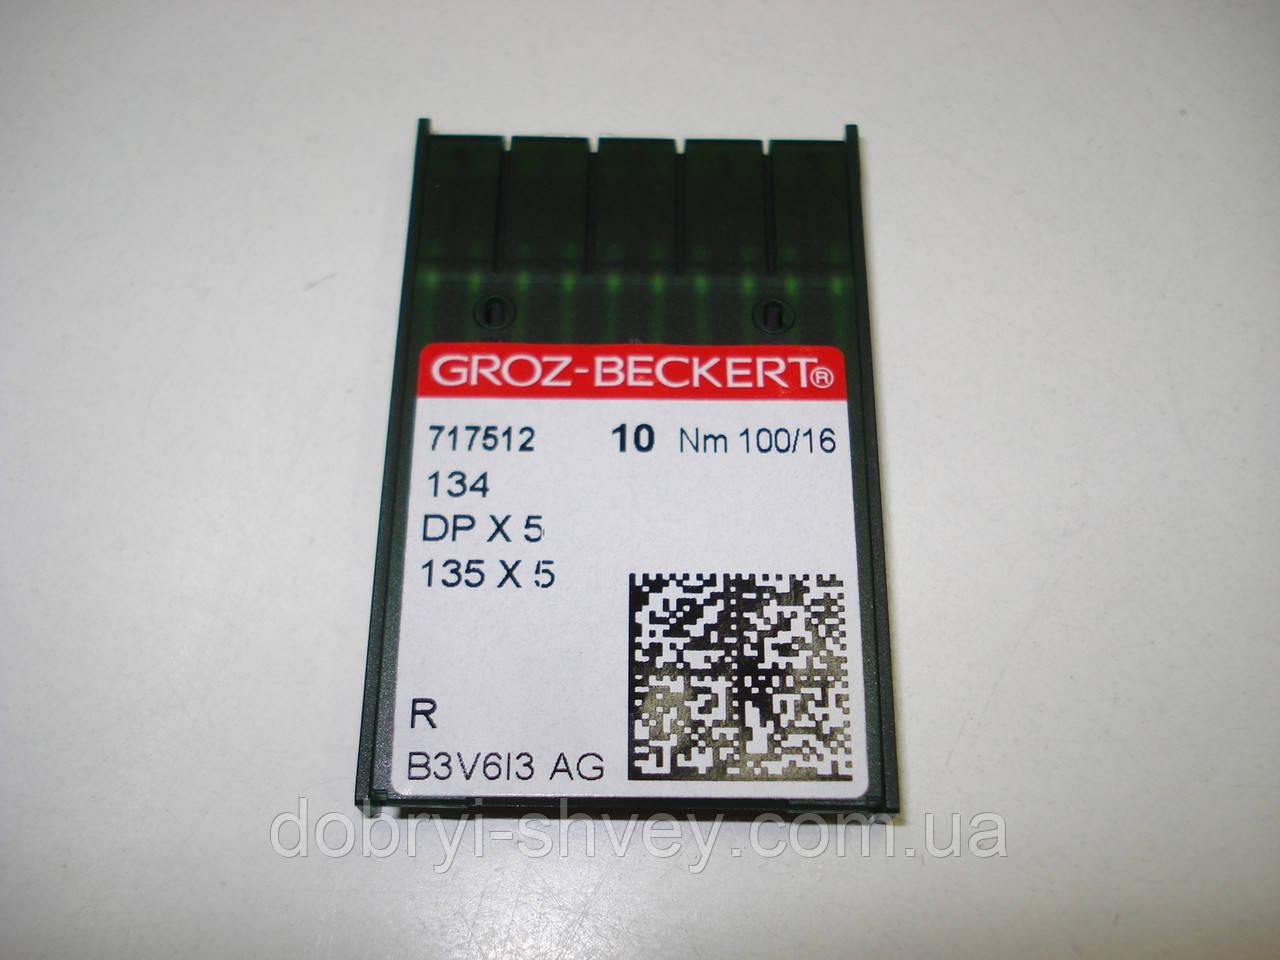 """Иглы  для промышленных швейных машин """"GROZ-BECKERT"""" DPx5 100/16 R (10шт)"""